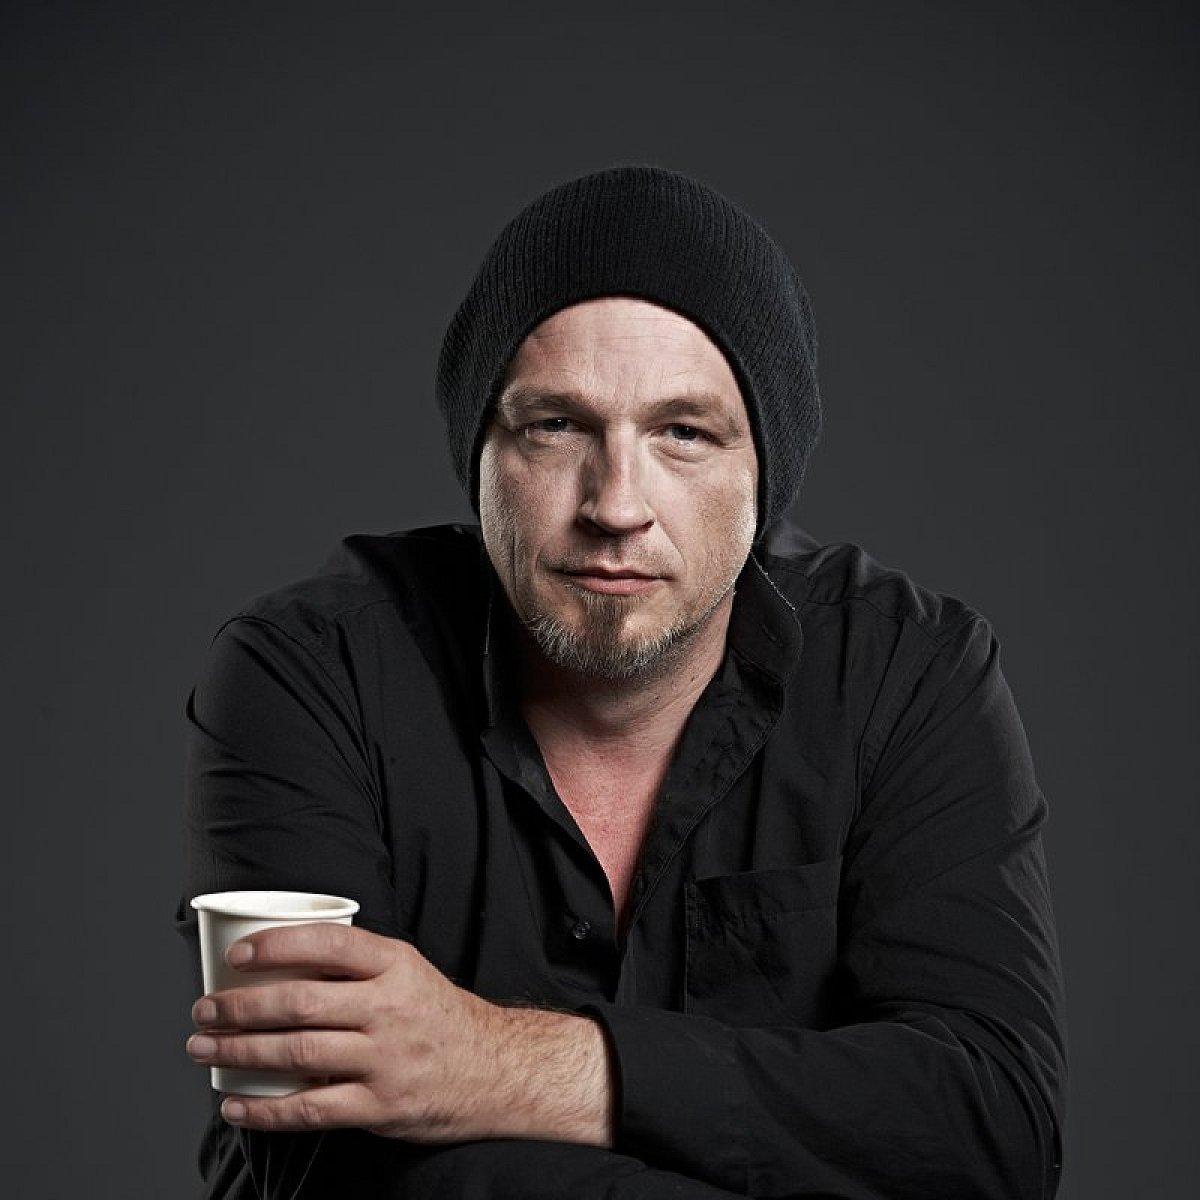 Körpergrösse torsten sträter Torsten Sträter